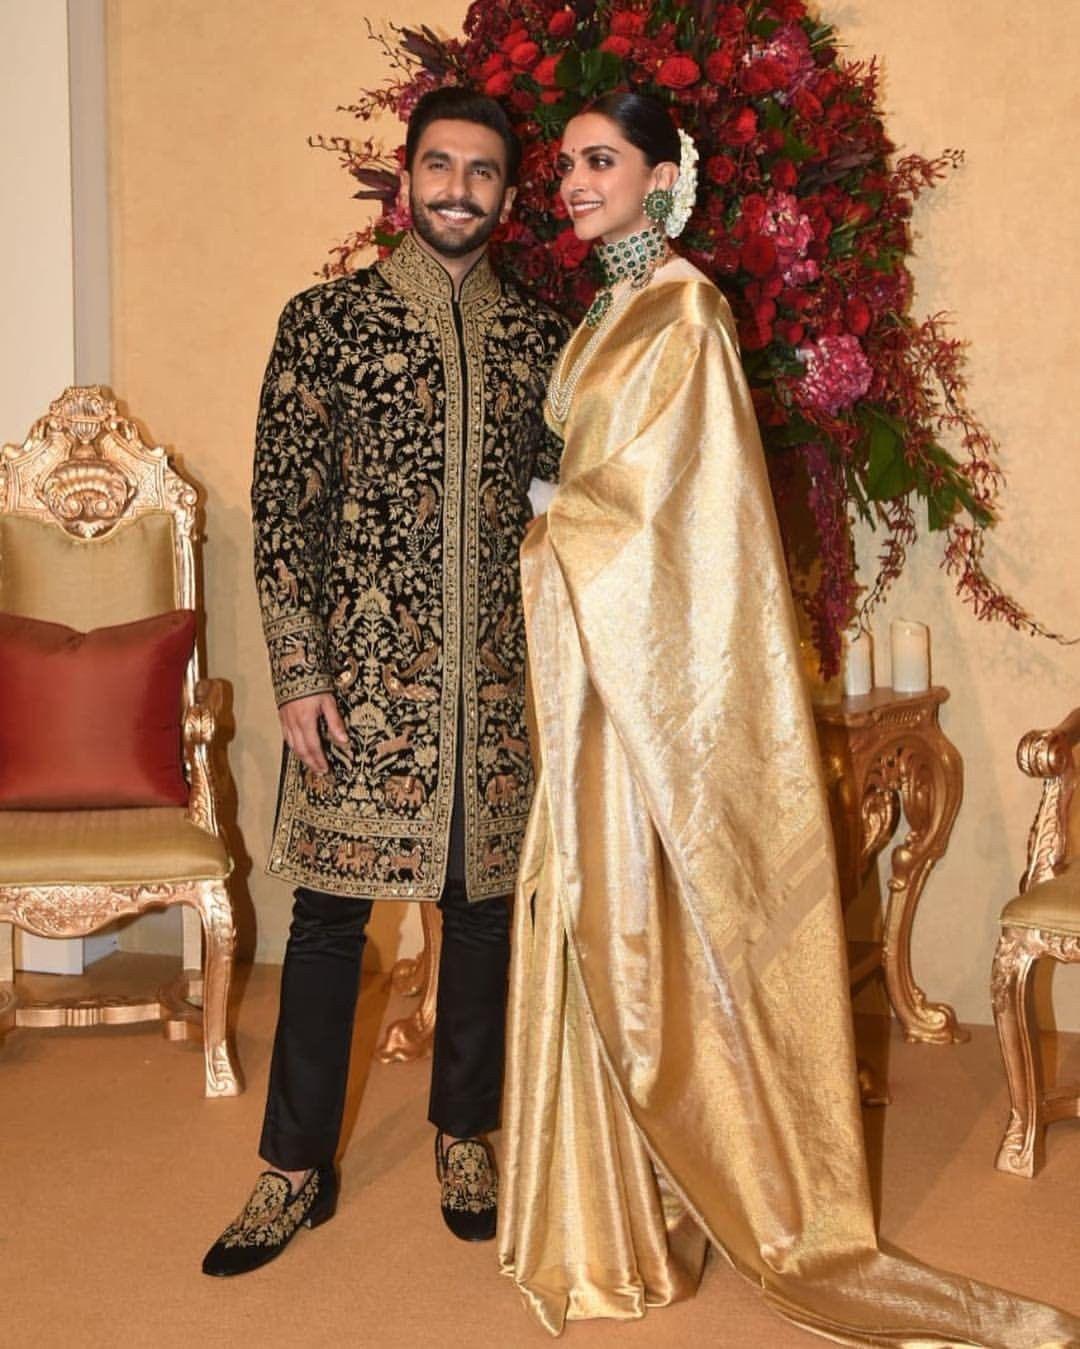 Deepveer Deepika Padukone N Ranveer Singh At Her Wedding Reception Bangalore Deepika Ranveer Indian Wedding Poses Indian Wedding Photography